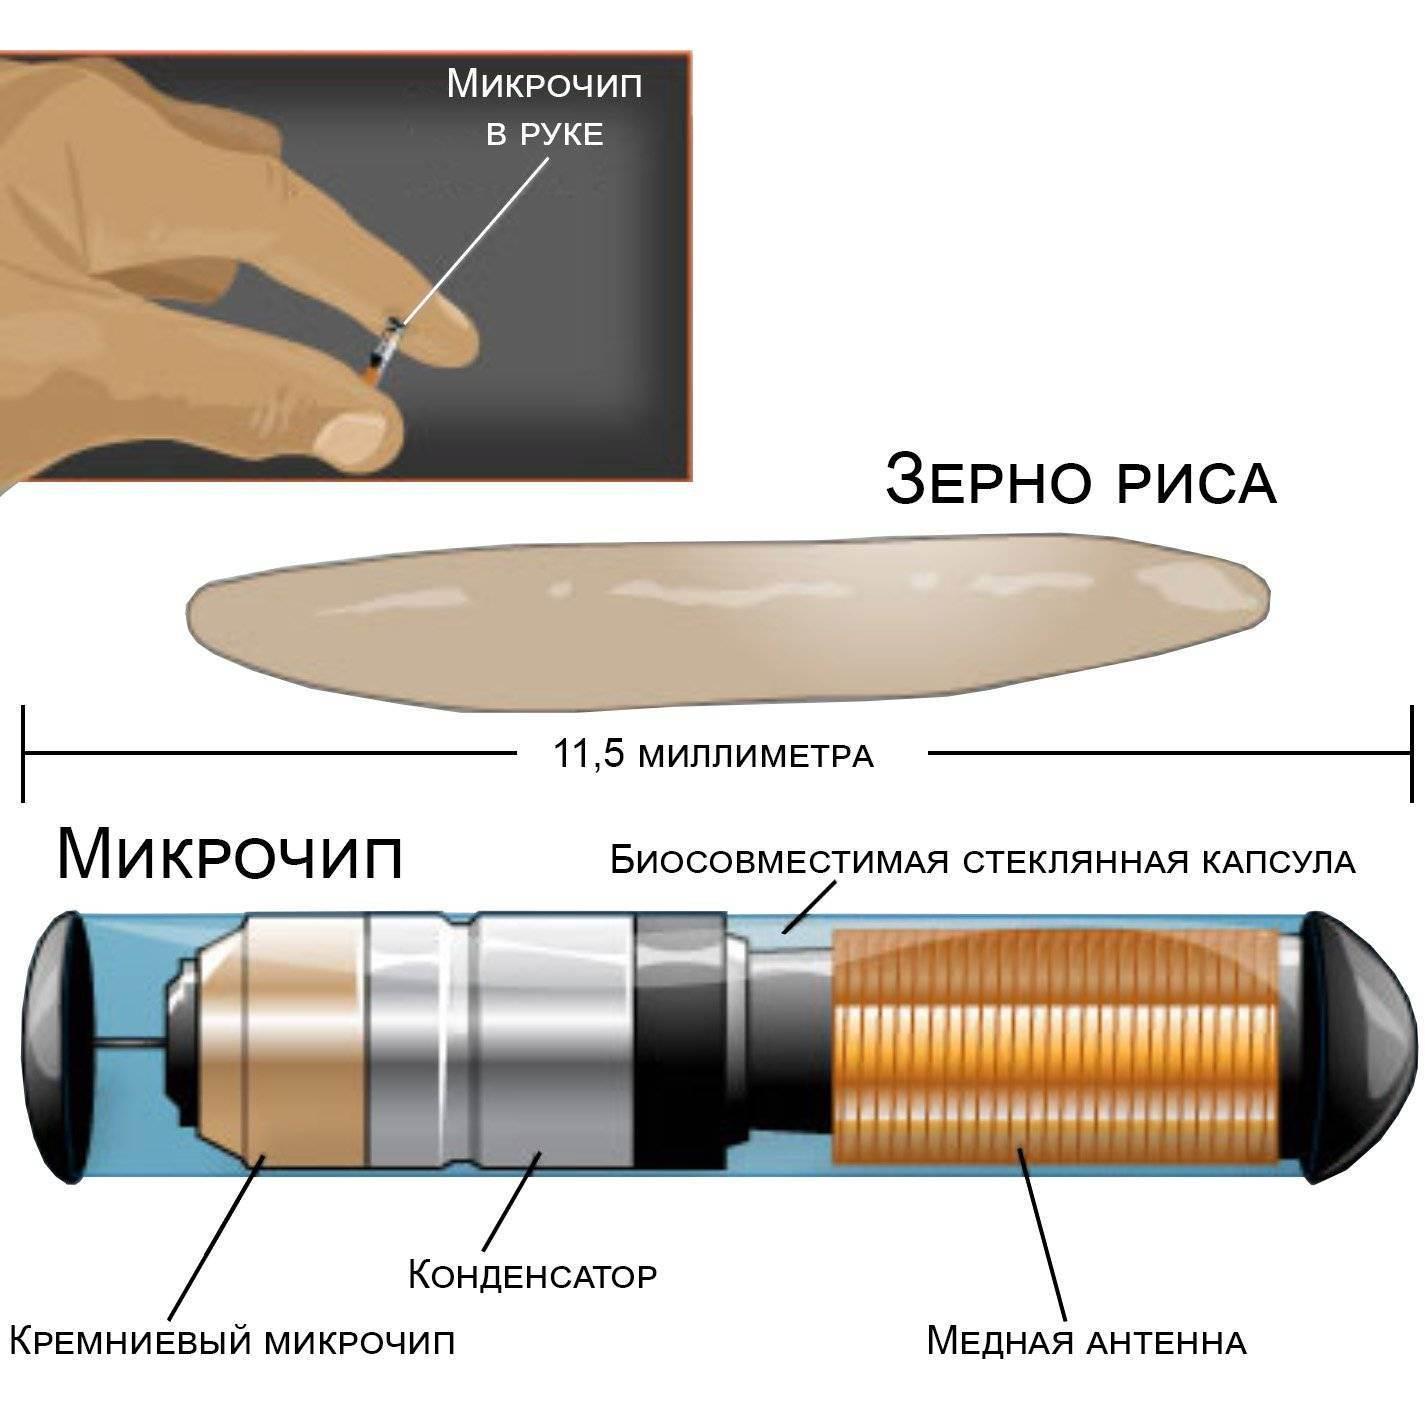 Имплантация rfid-чипа: с чего начать свой путь в биохакинге?